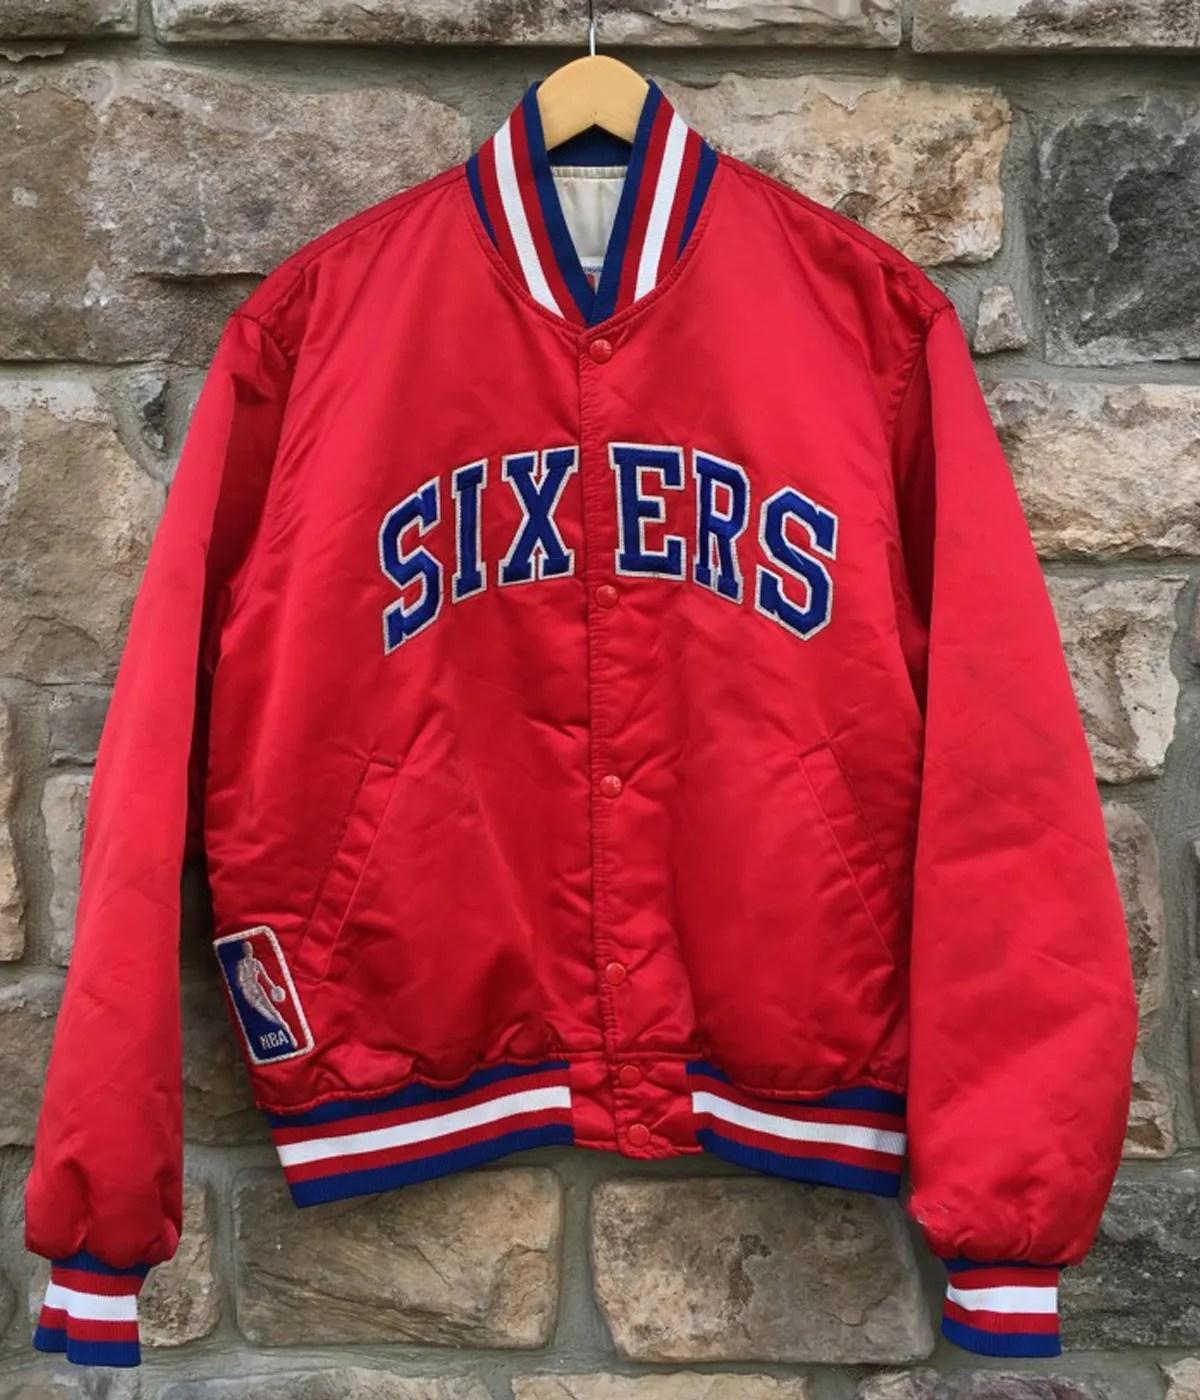 76ers-starter-jacket